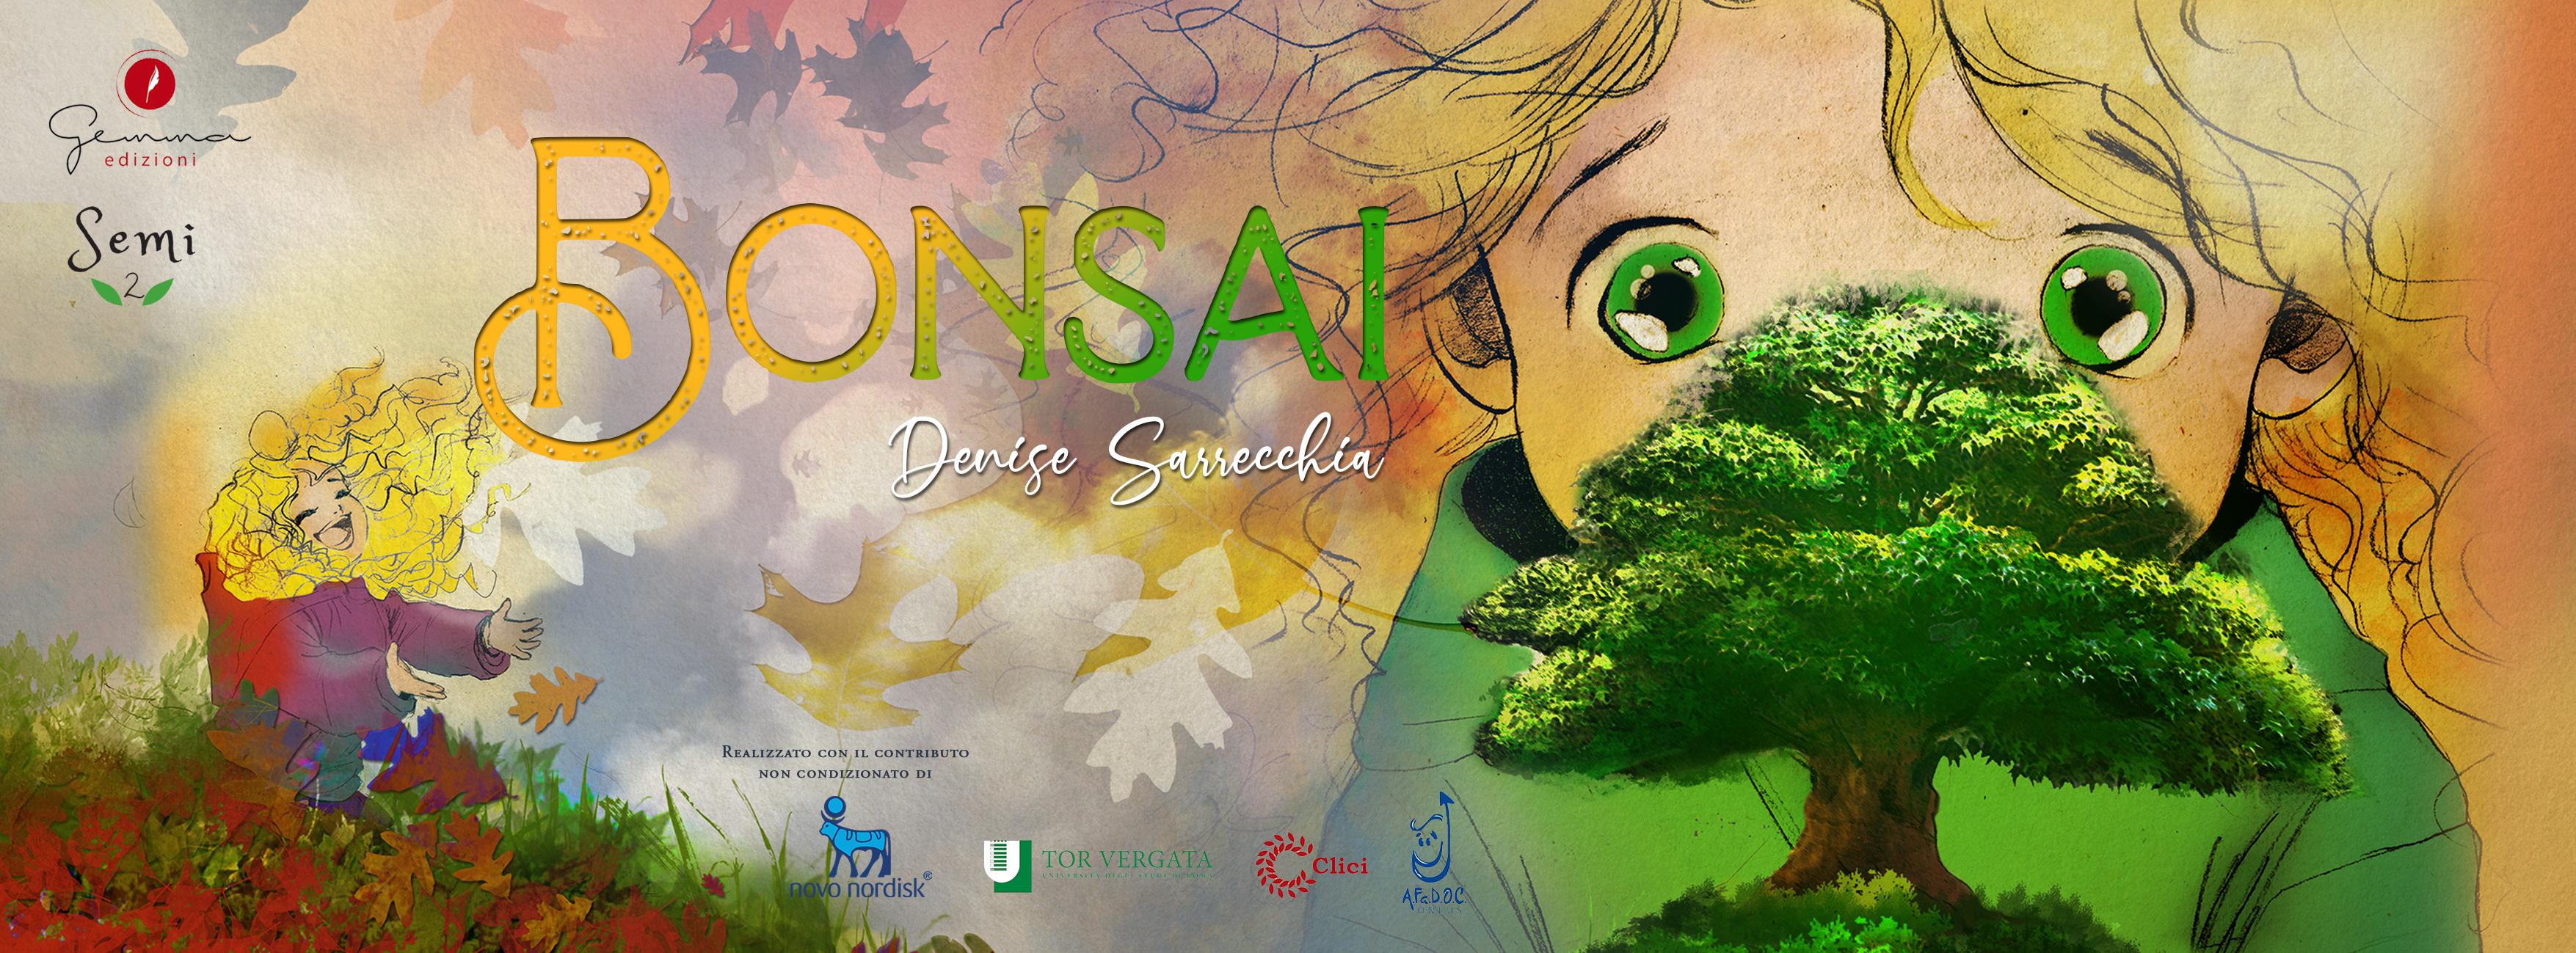 Copertina-Diario-Facebook-Bonsai.jpg